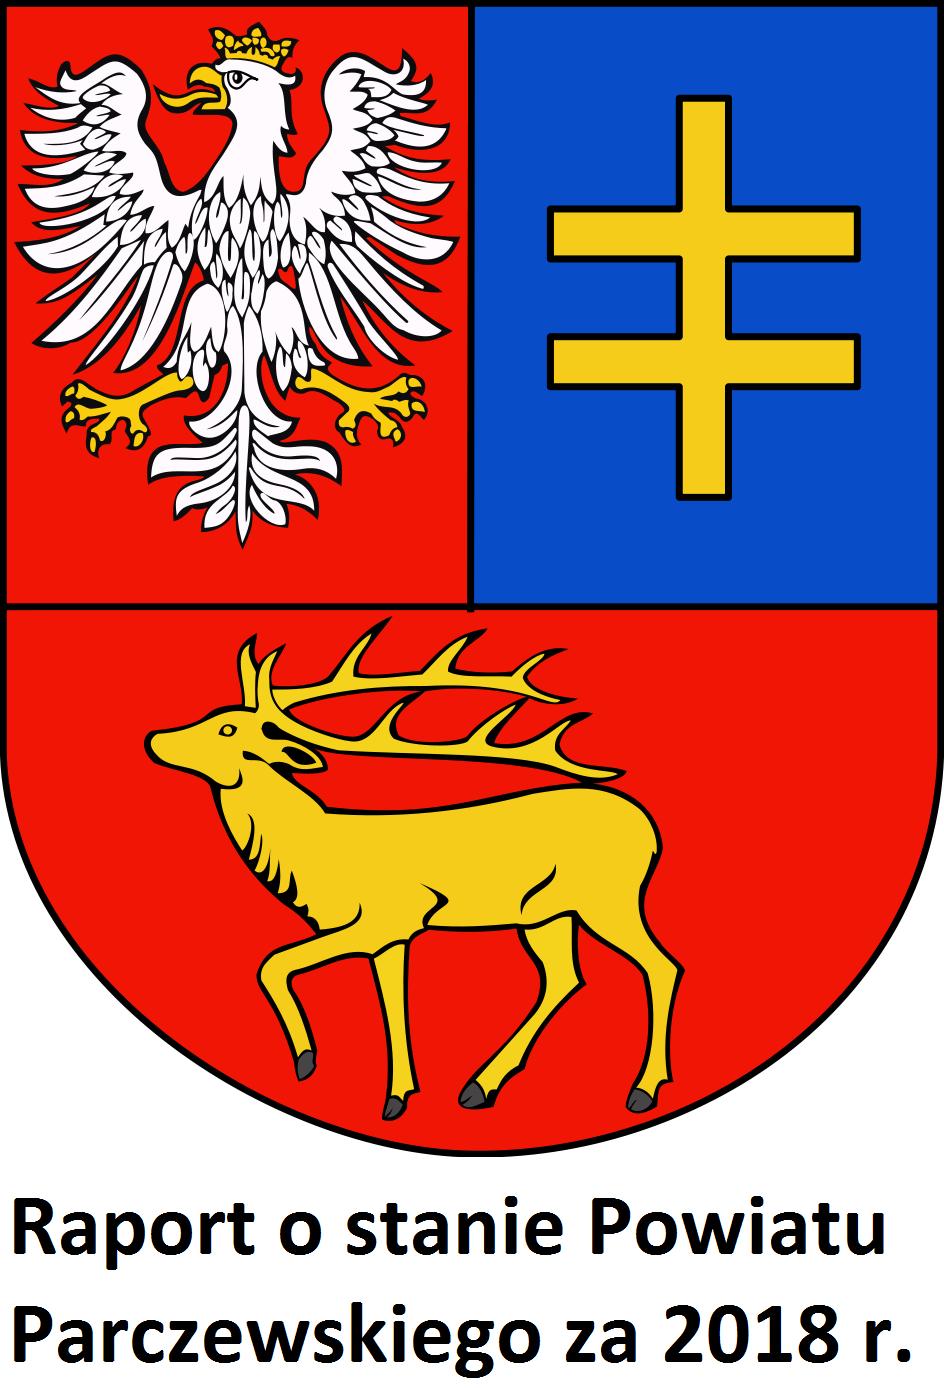 Raport o stanie Powiatu Parczewskiego za 2018 r.